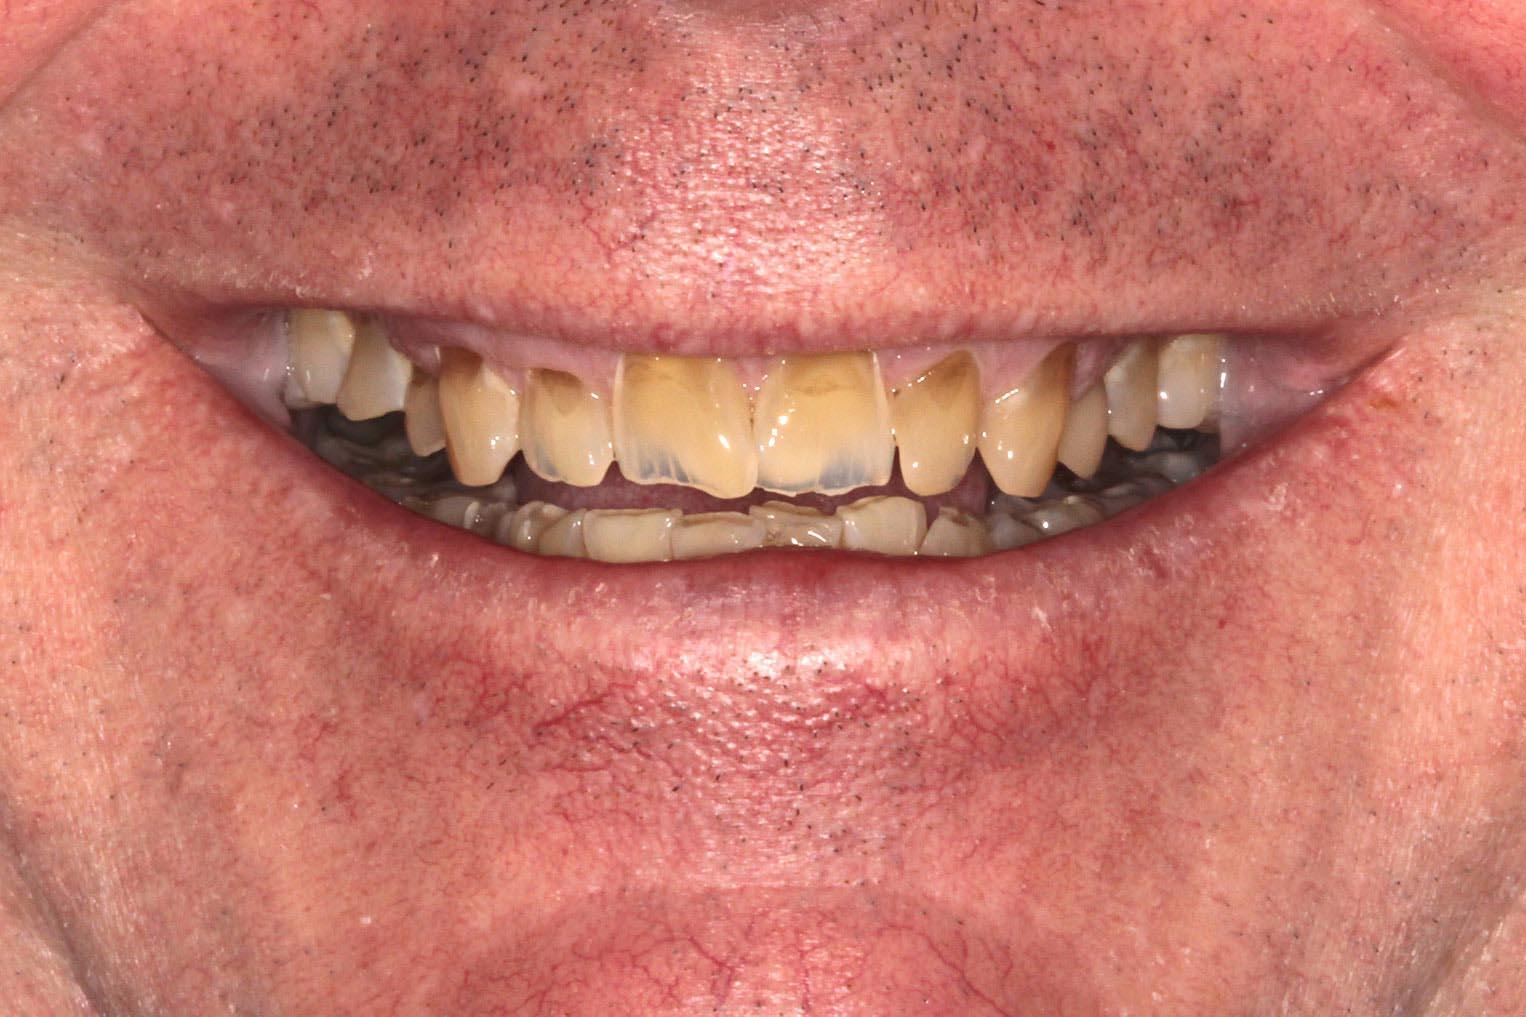 Teeth needing full restorations and orthodontics